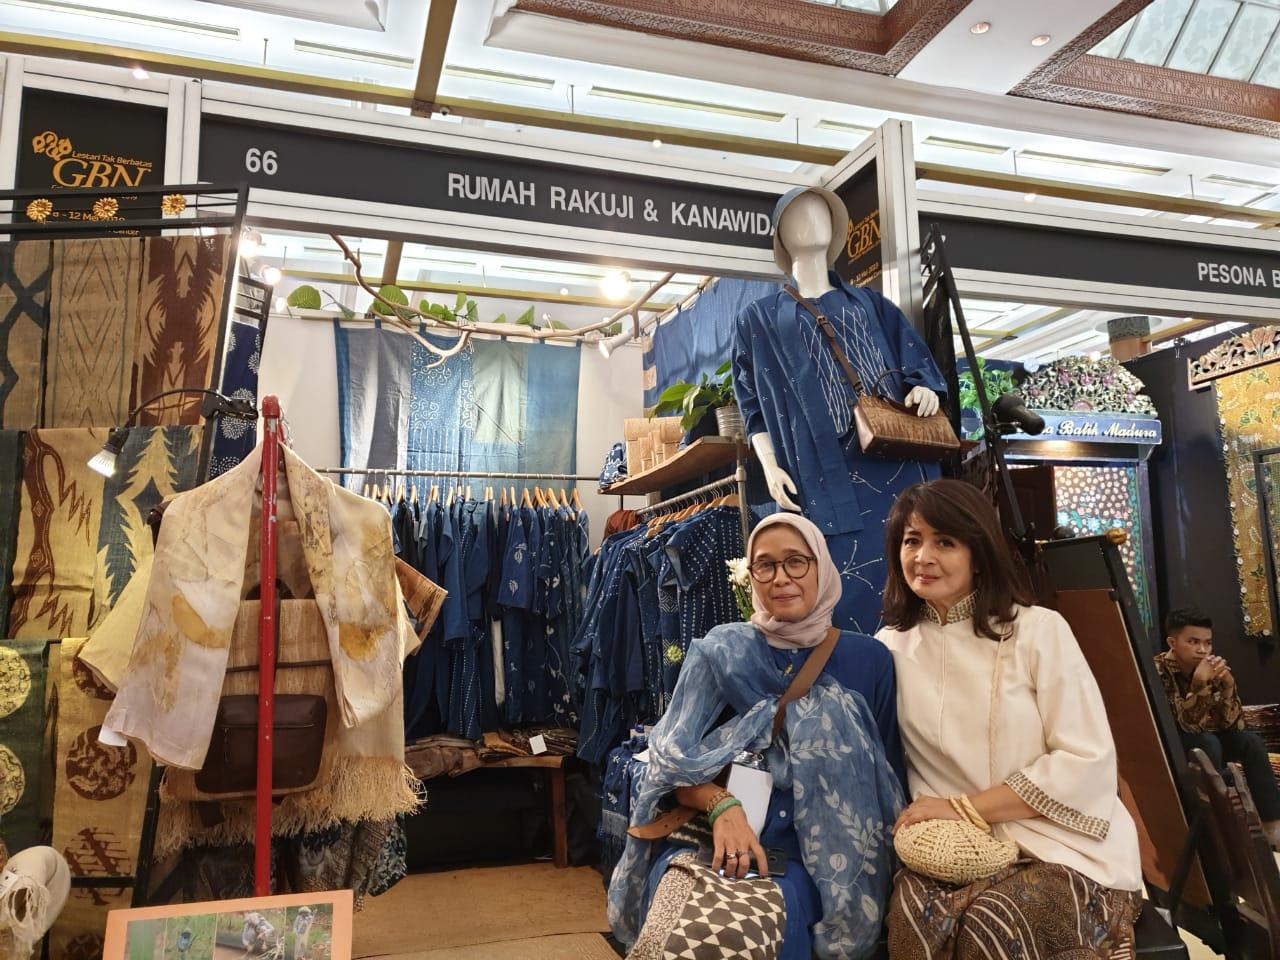 Owner of Rumah Rakuji & Kanawida